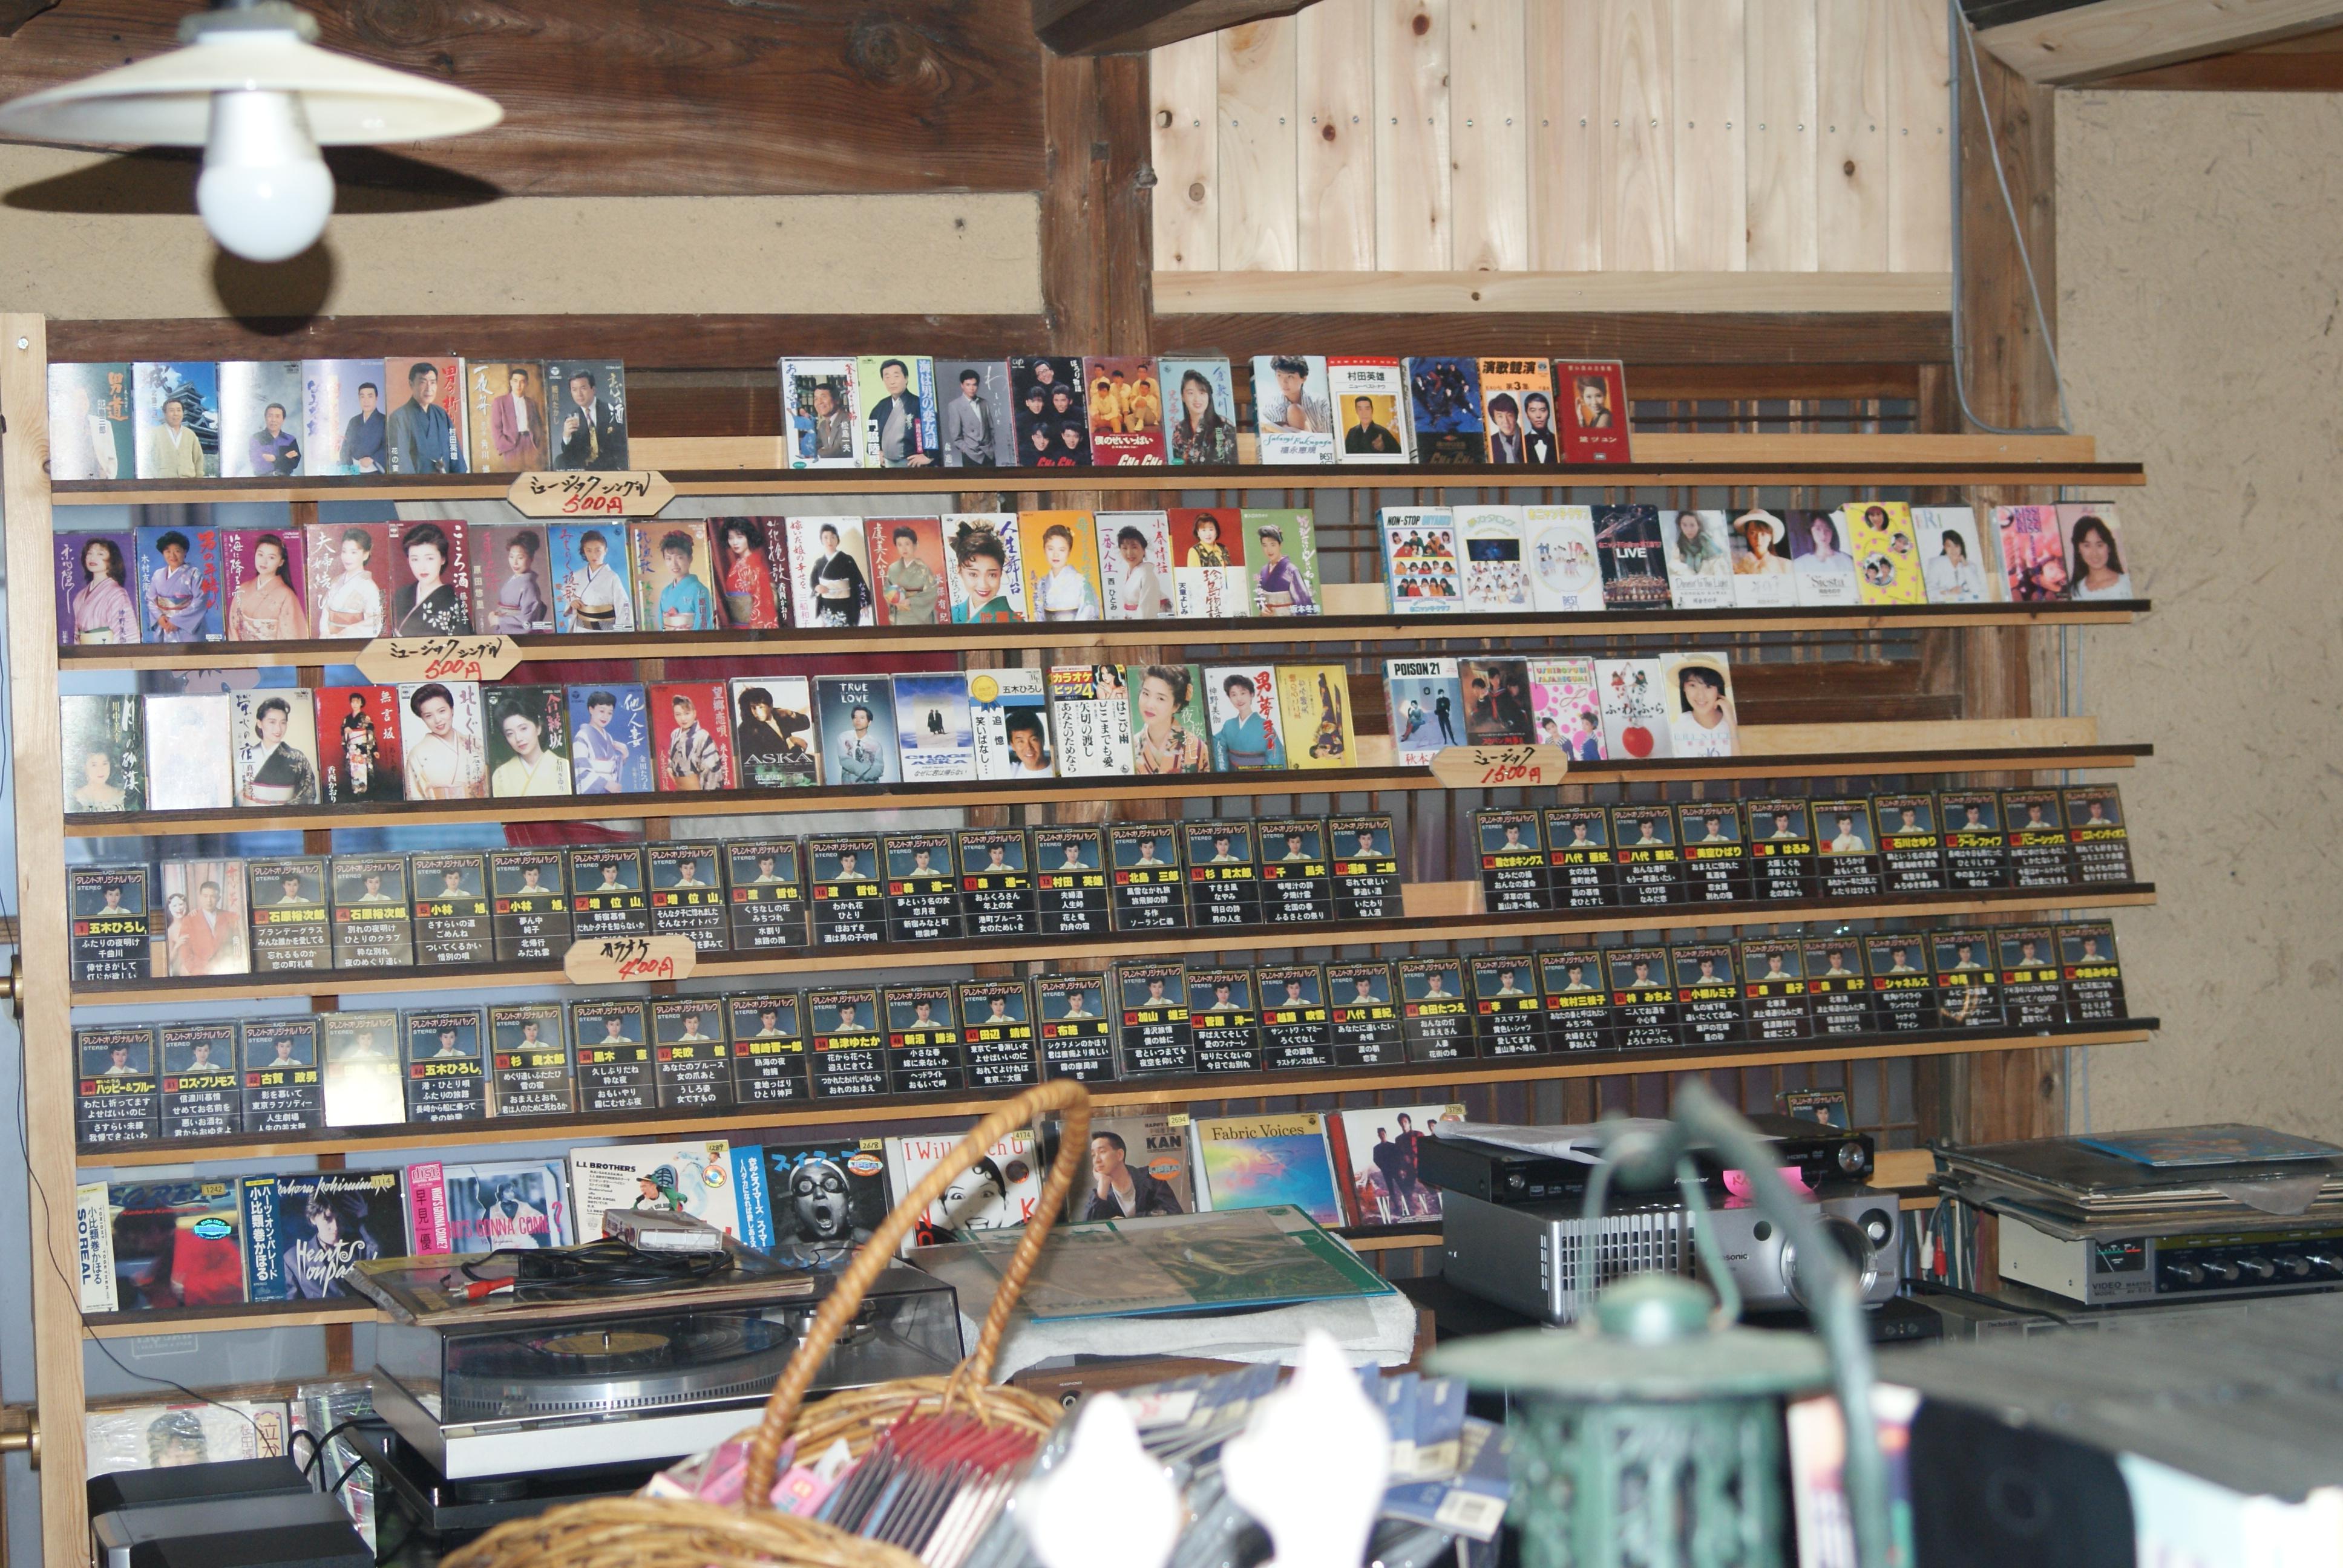 カセットテープ、CD、レーザーディスク